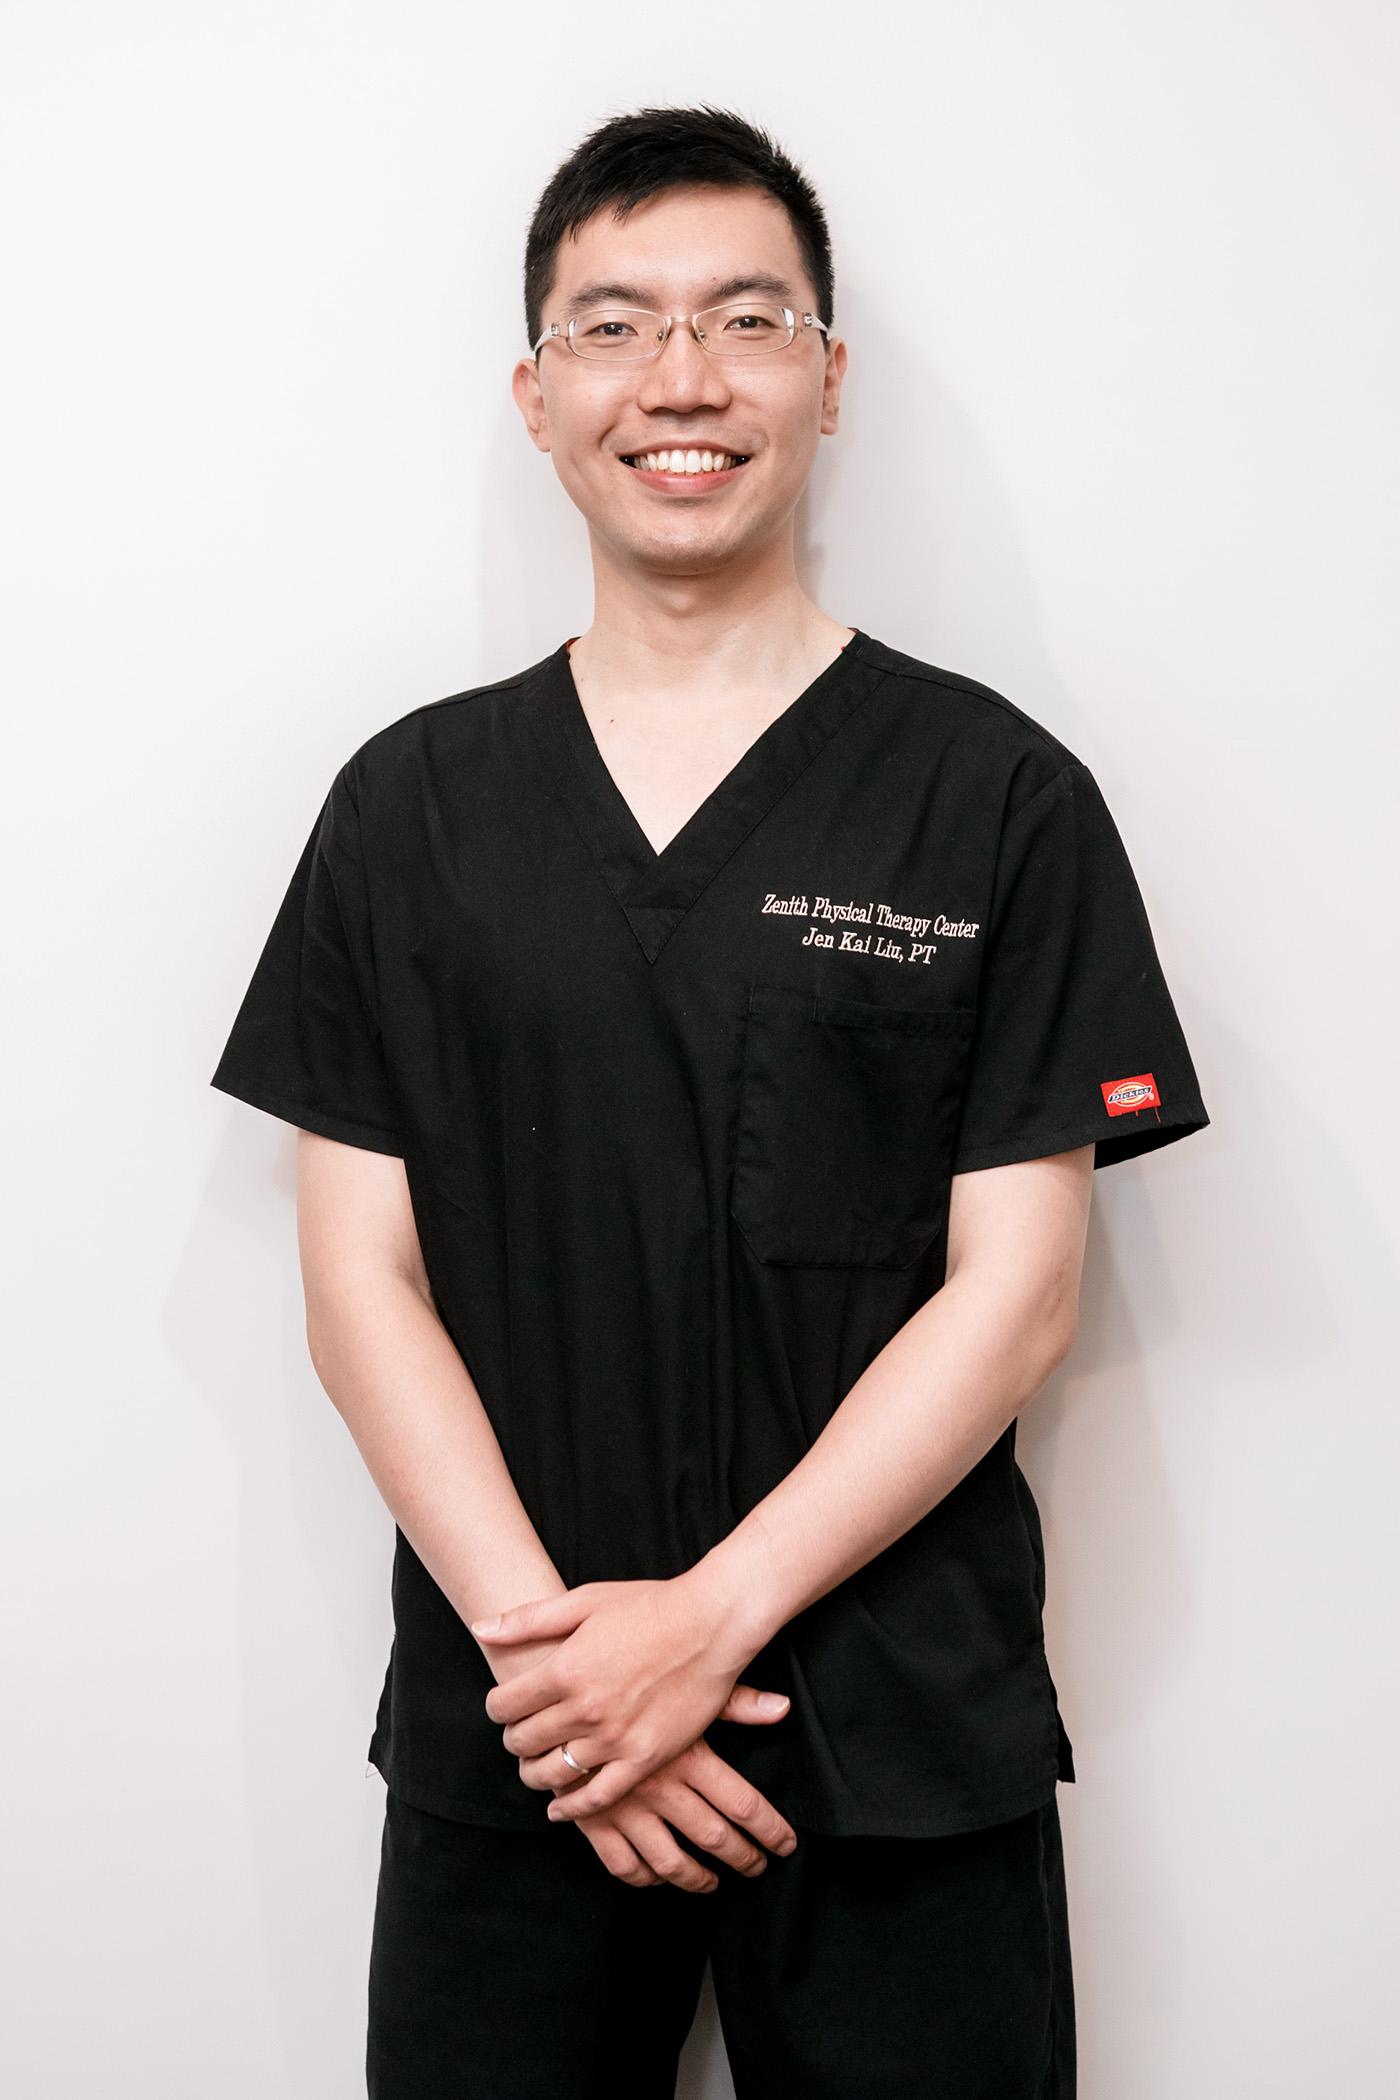 劉仁凱-物理治療師